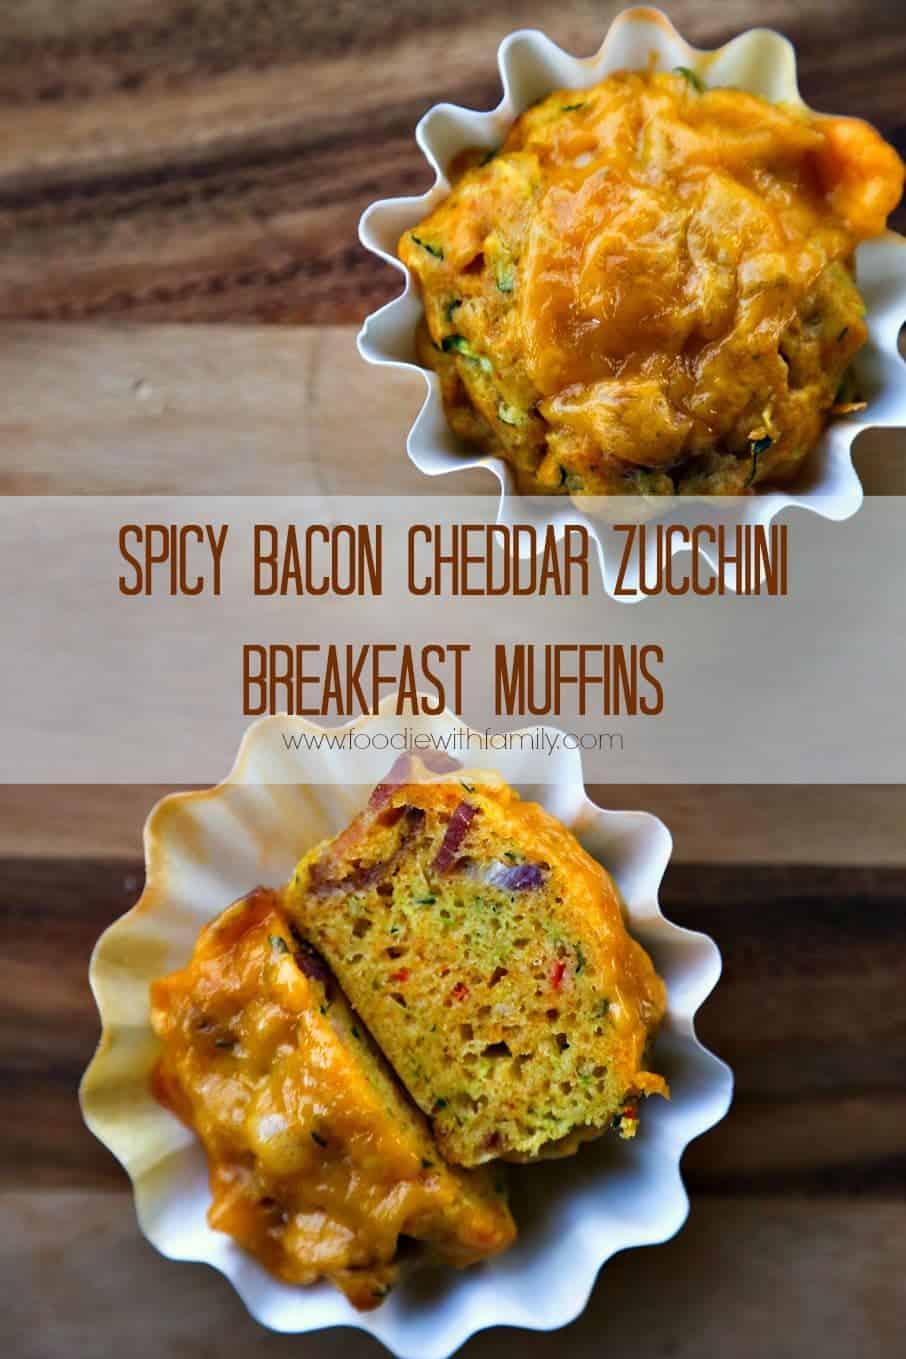 Spicy Bacon Cheddar Zucchini Breakfast Muffins